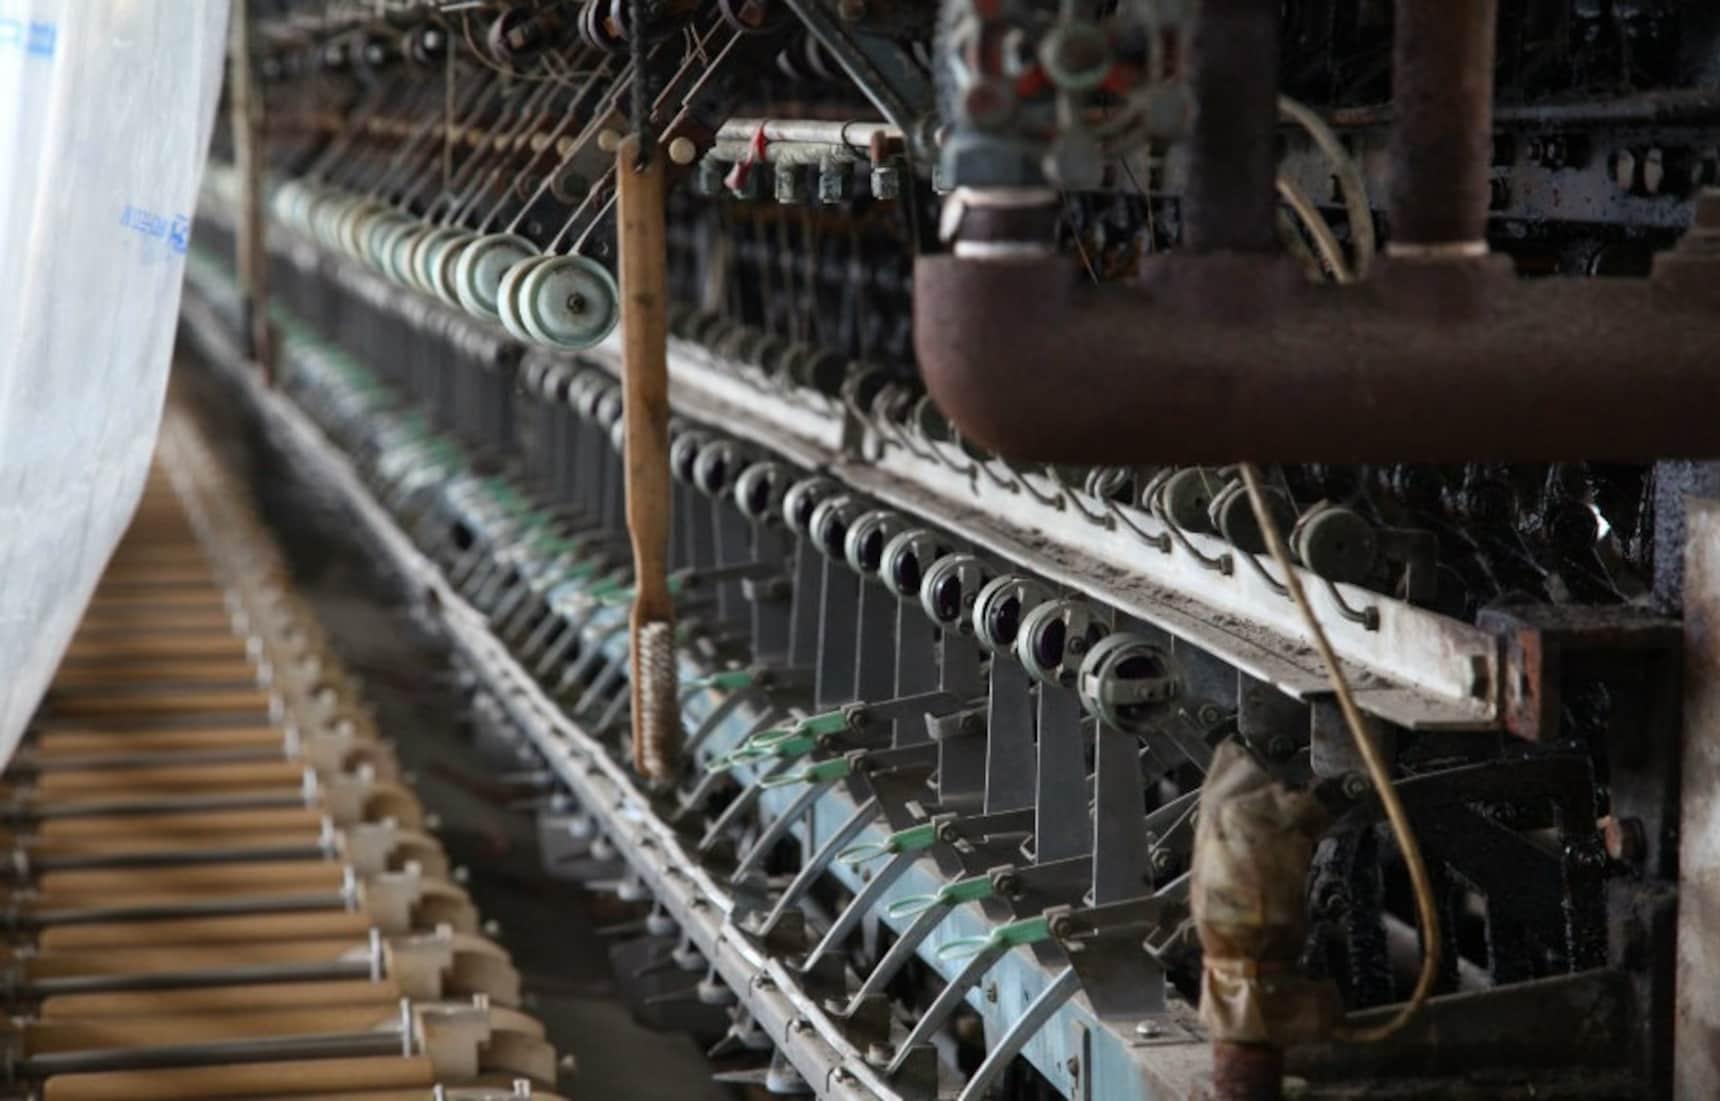 Wonders of Japan: Industrial Heritage